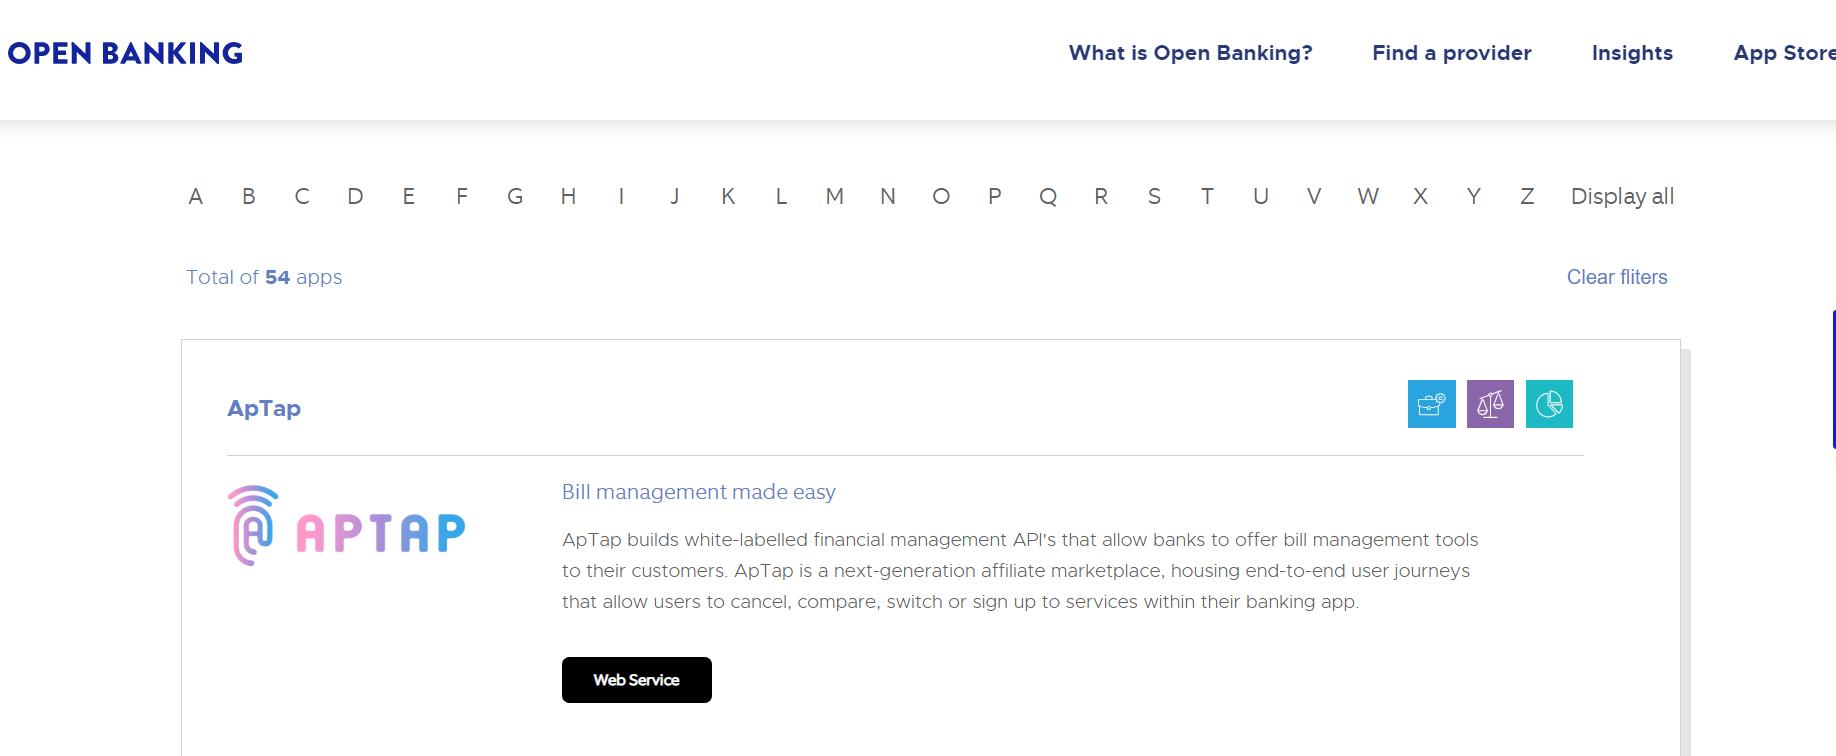 В Великобритании появился App Store для открытого банкинга